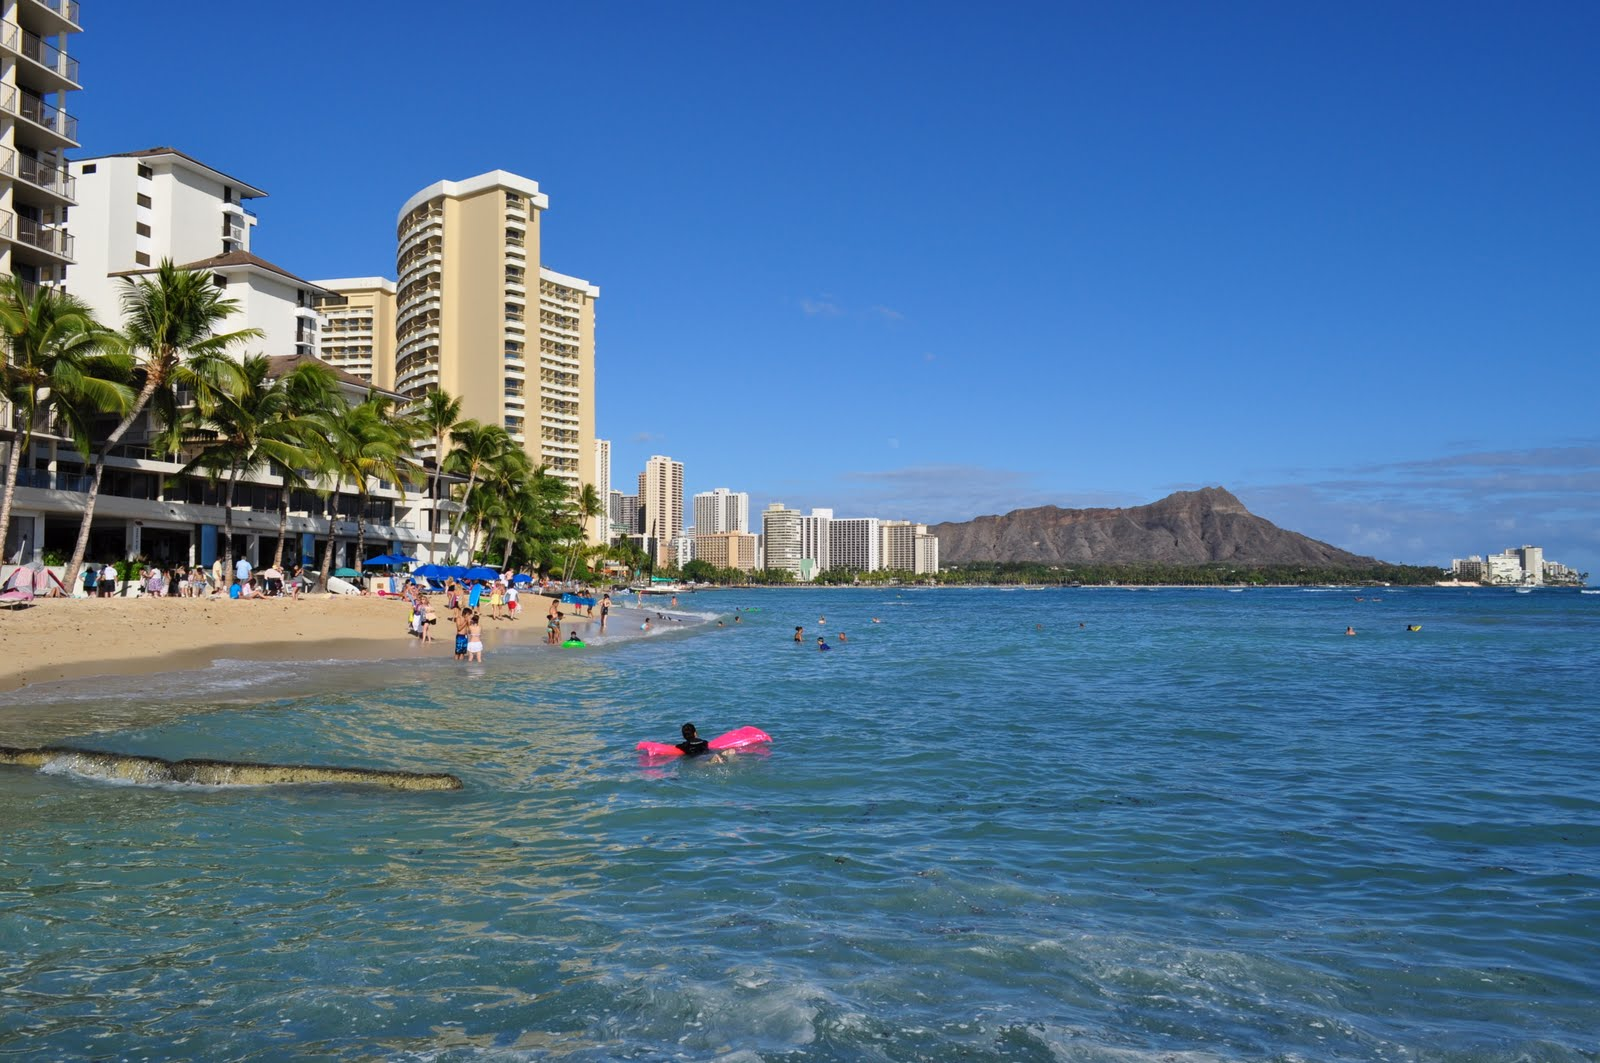 Waikiki Beach Wallpaper Hd: Waikiki Beach Wallpaper HD